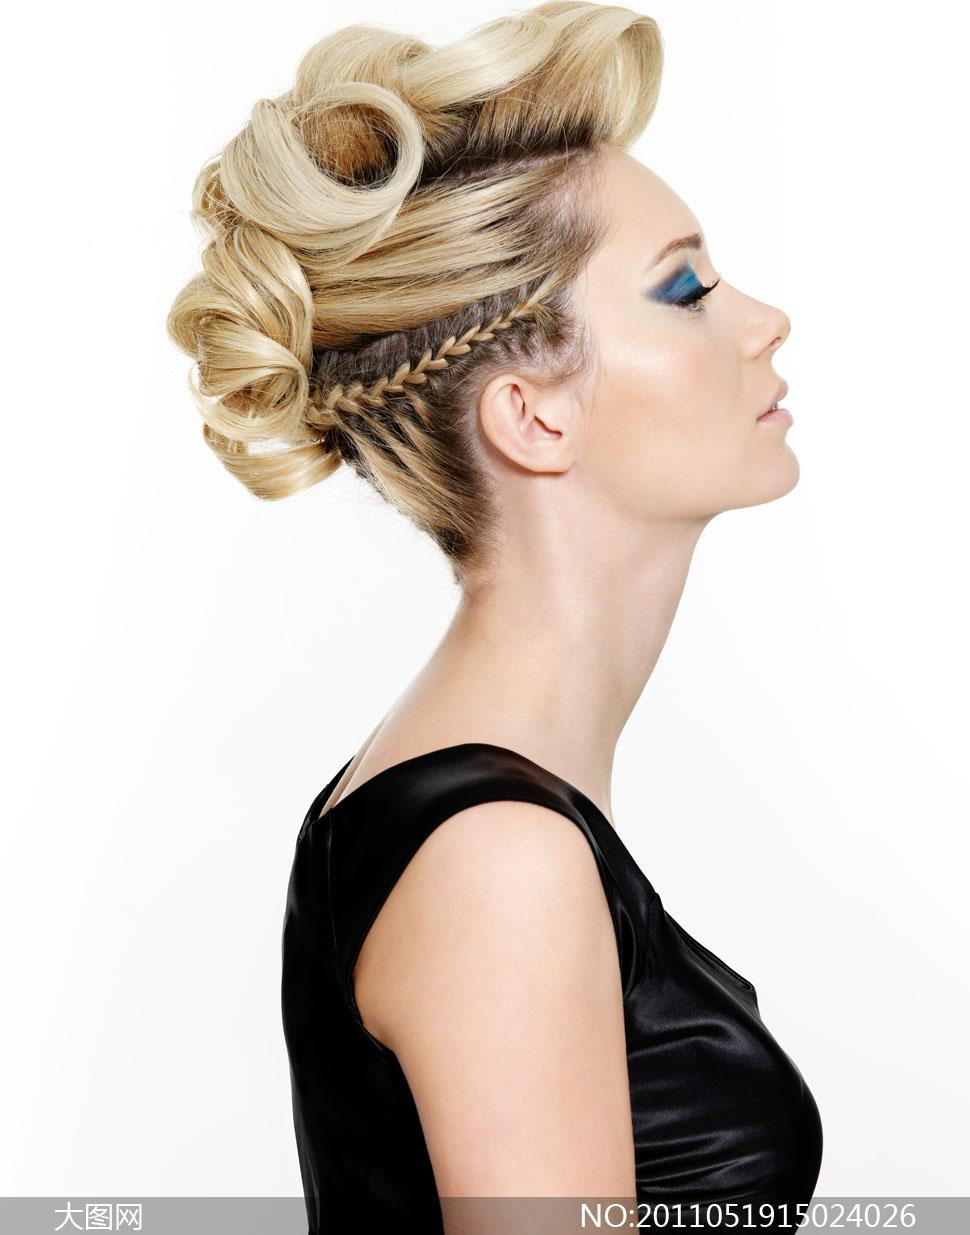 美女人物盘发侧面高清摄影图片